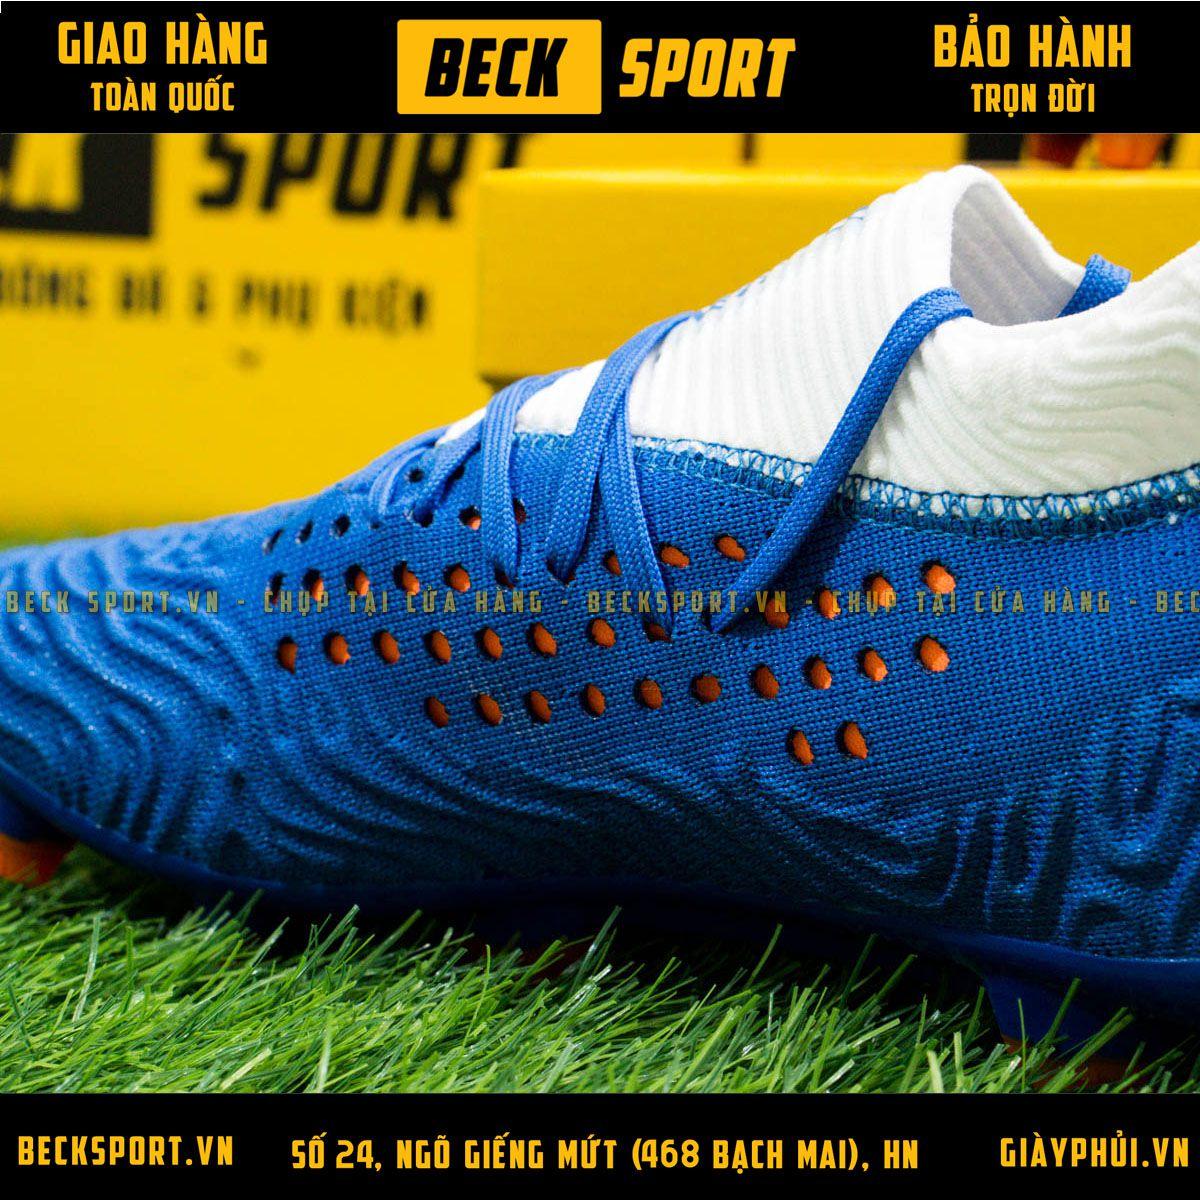 Giày Bóng Đá Puma Future 19.1 Xanh Biển Trắng Cổ Lửng FG